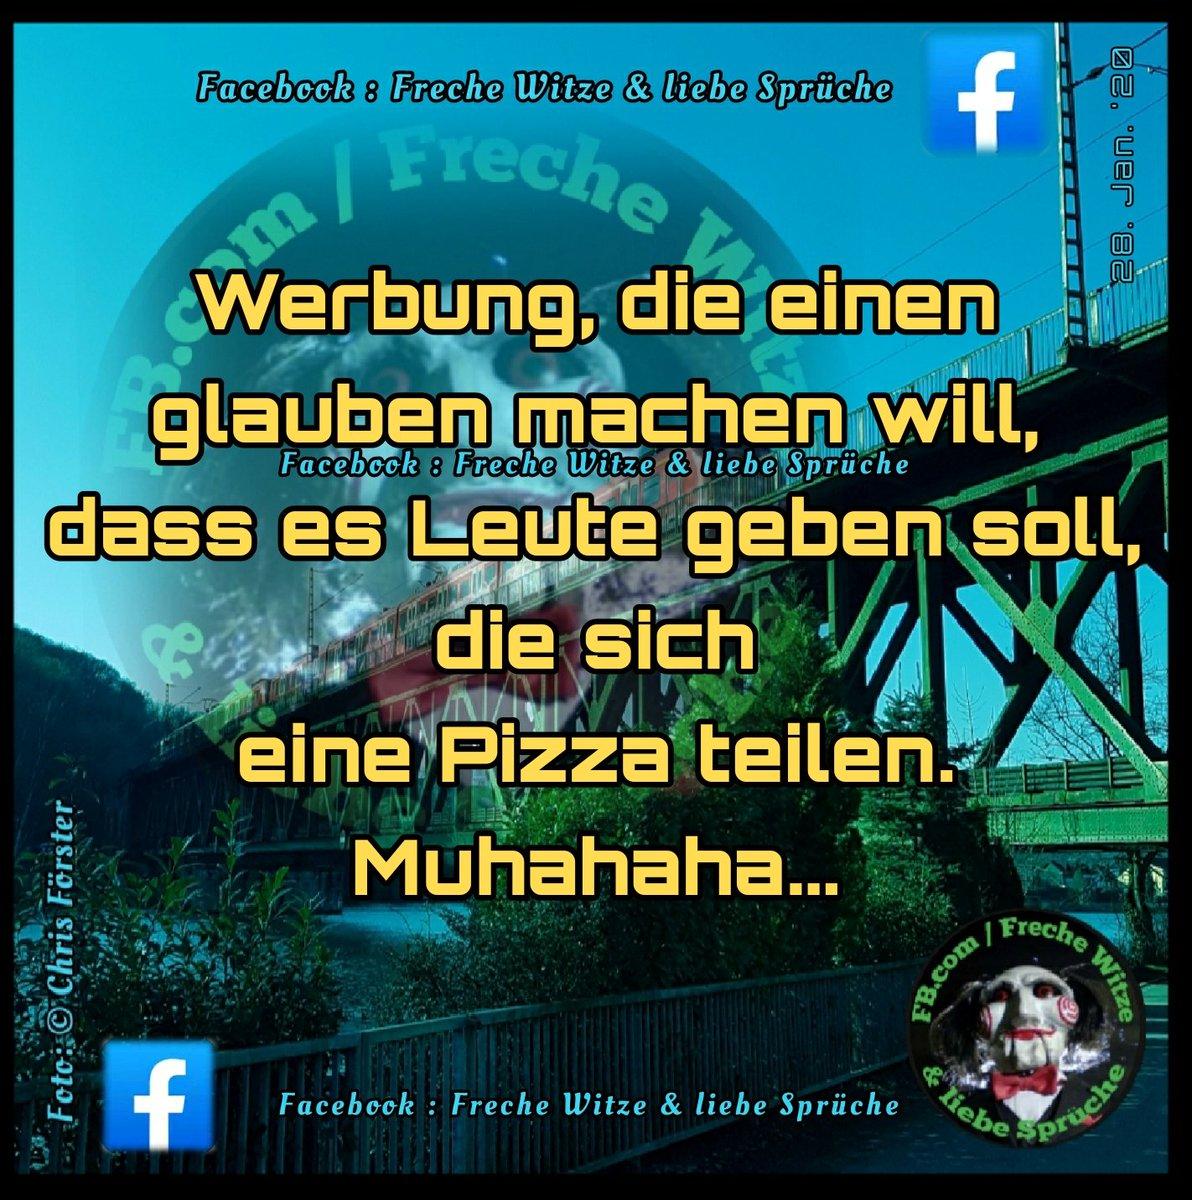 #Witz #Witze #FrecheWitze #Humor #Joke #Jokes #Fun #funny #FunnyJokes #Pizza #Werbung  Bild bitte anklicken, um es ganz zu sehen.